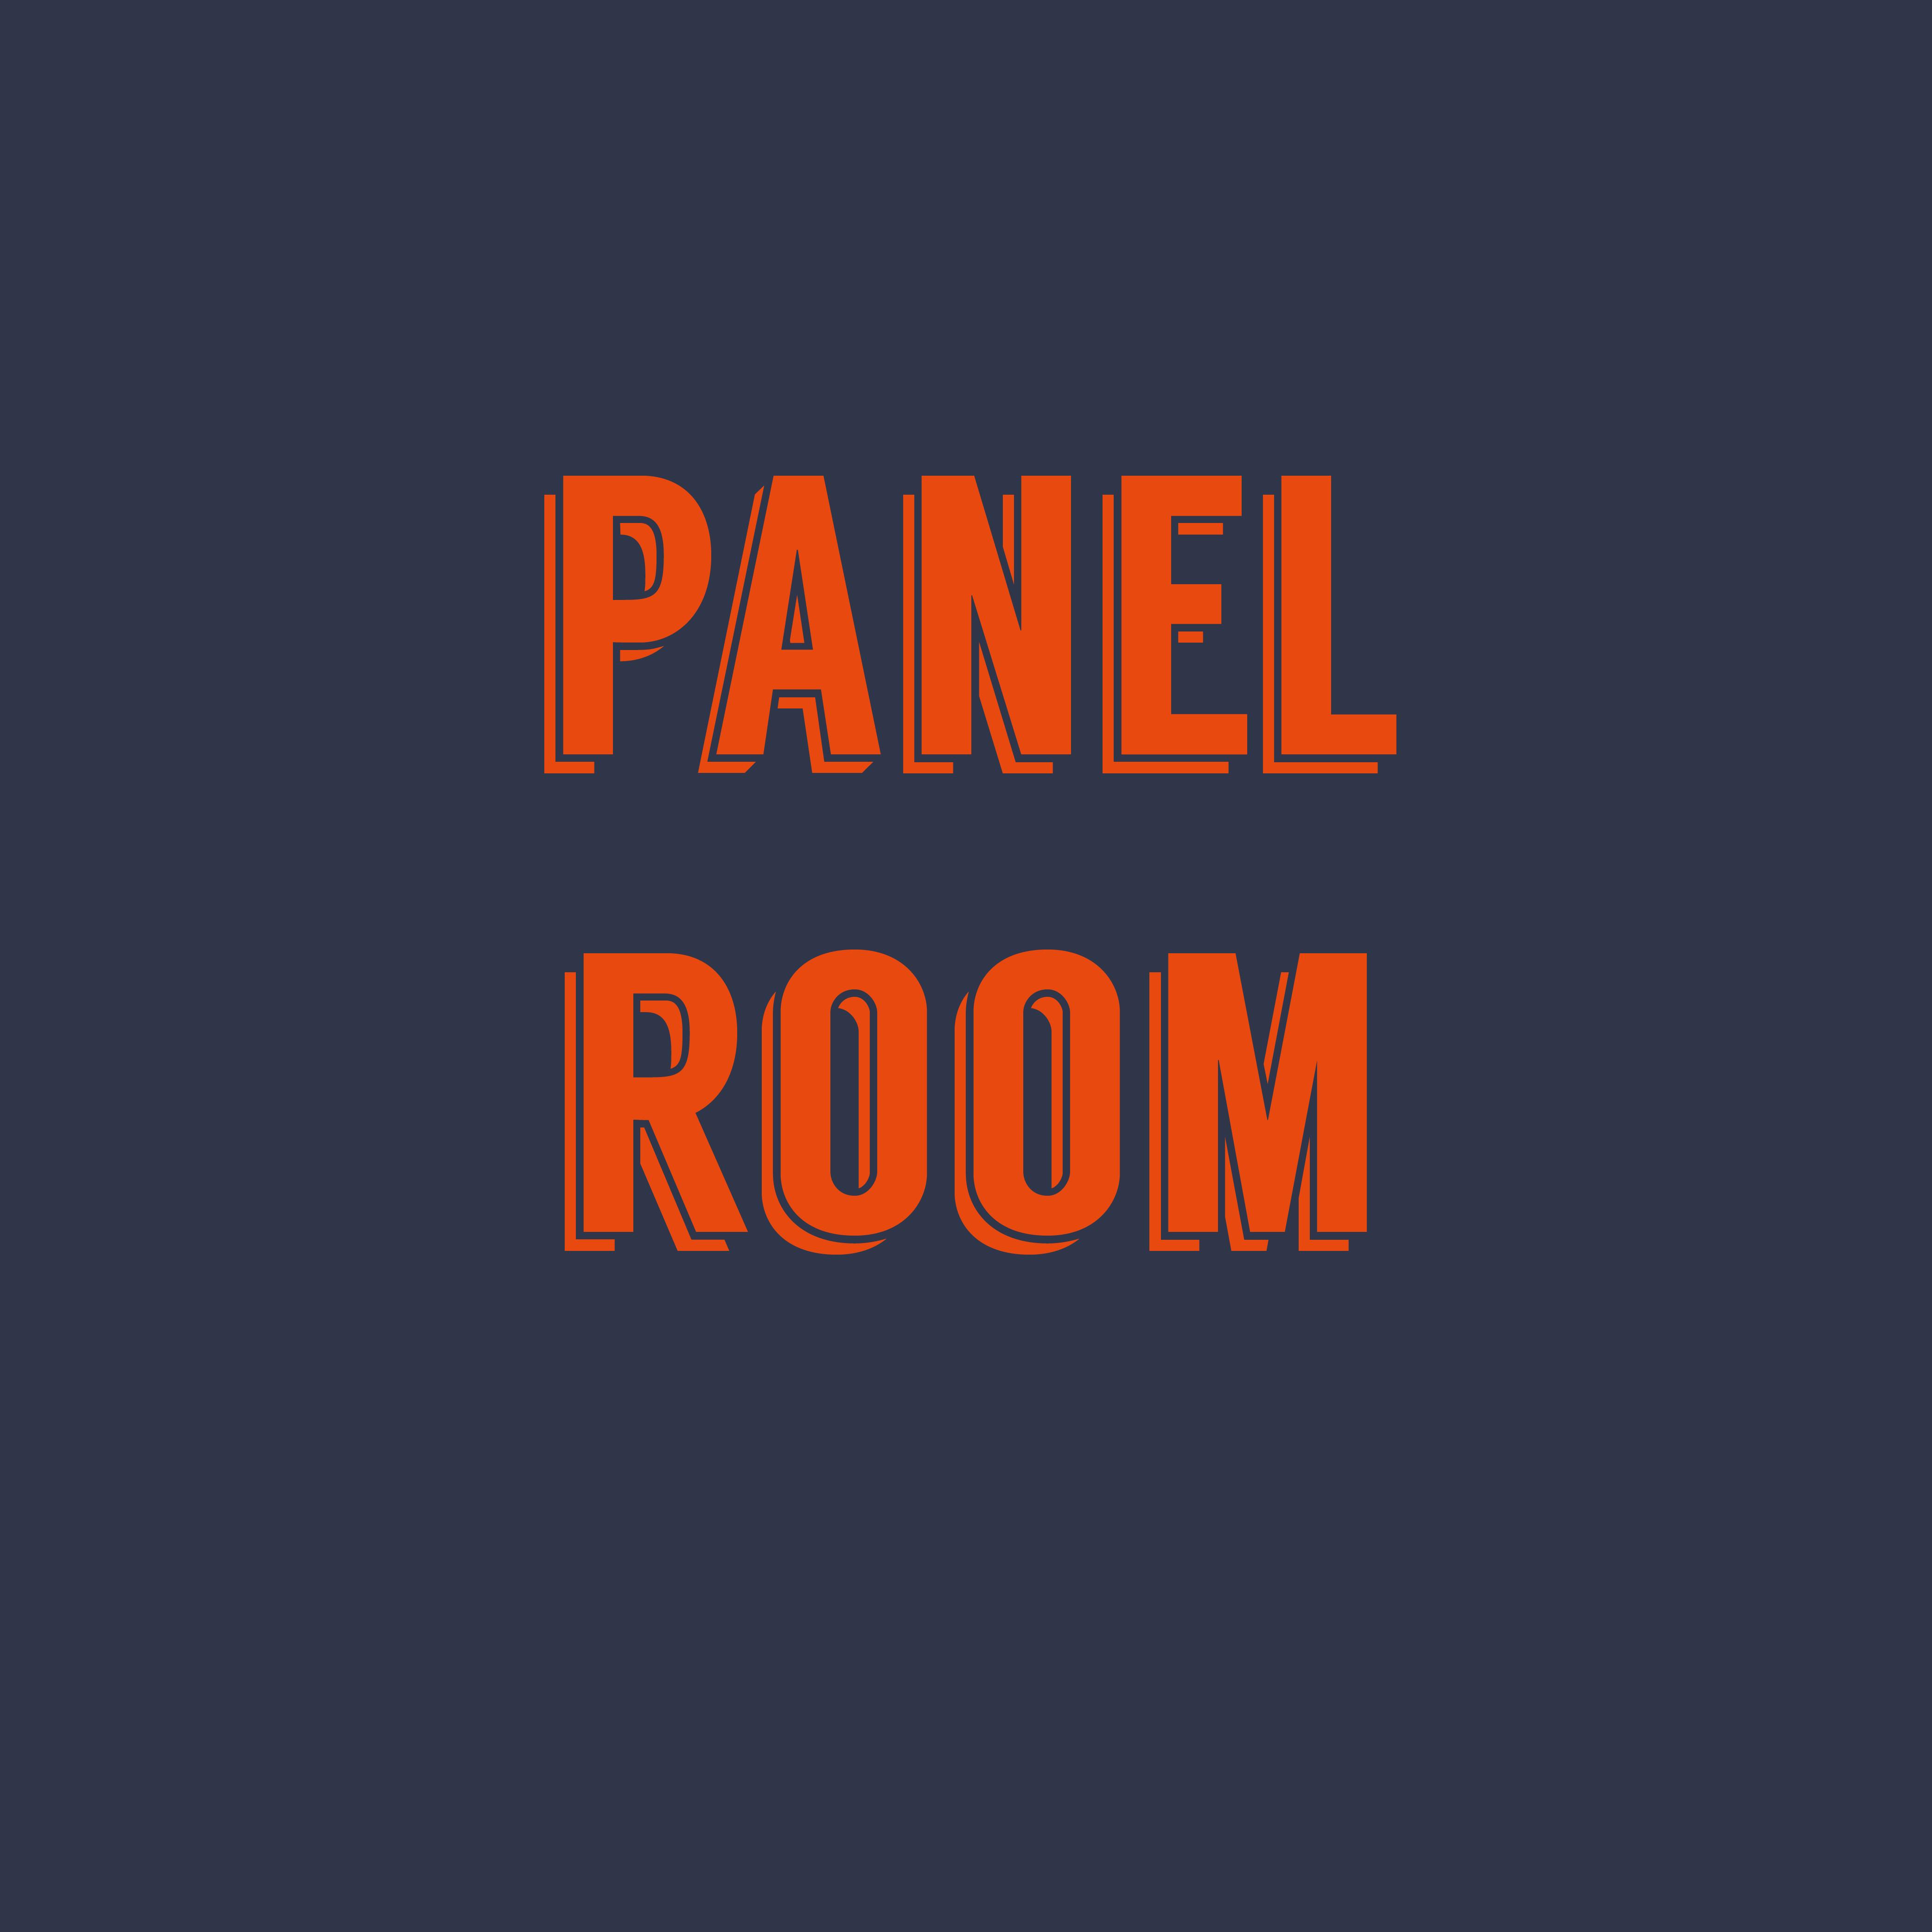 PANEL ROOM TABLE (4 PEOPLE)